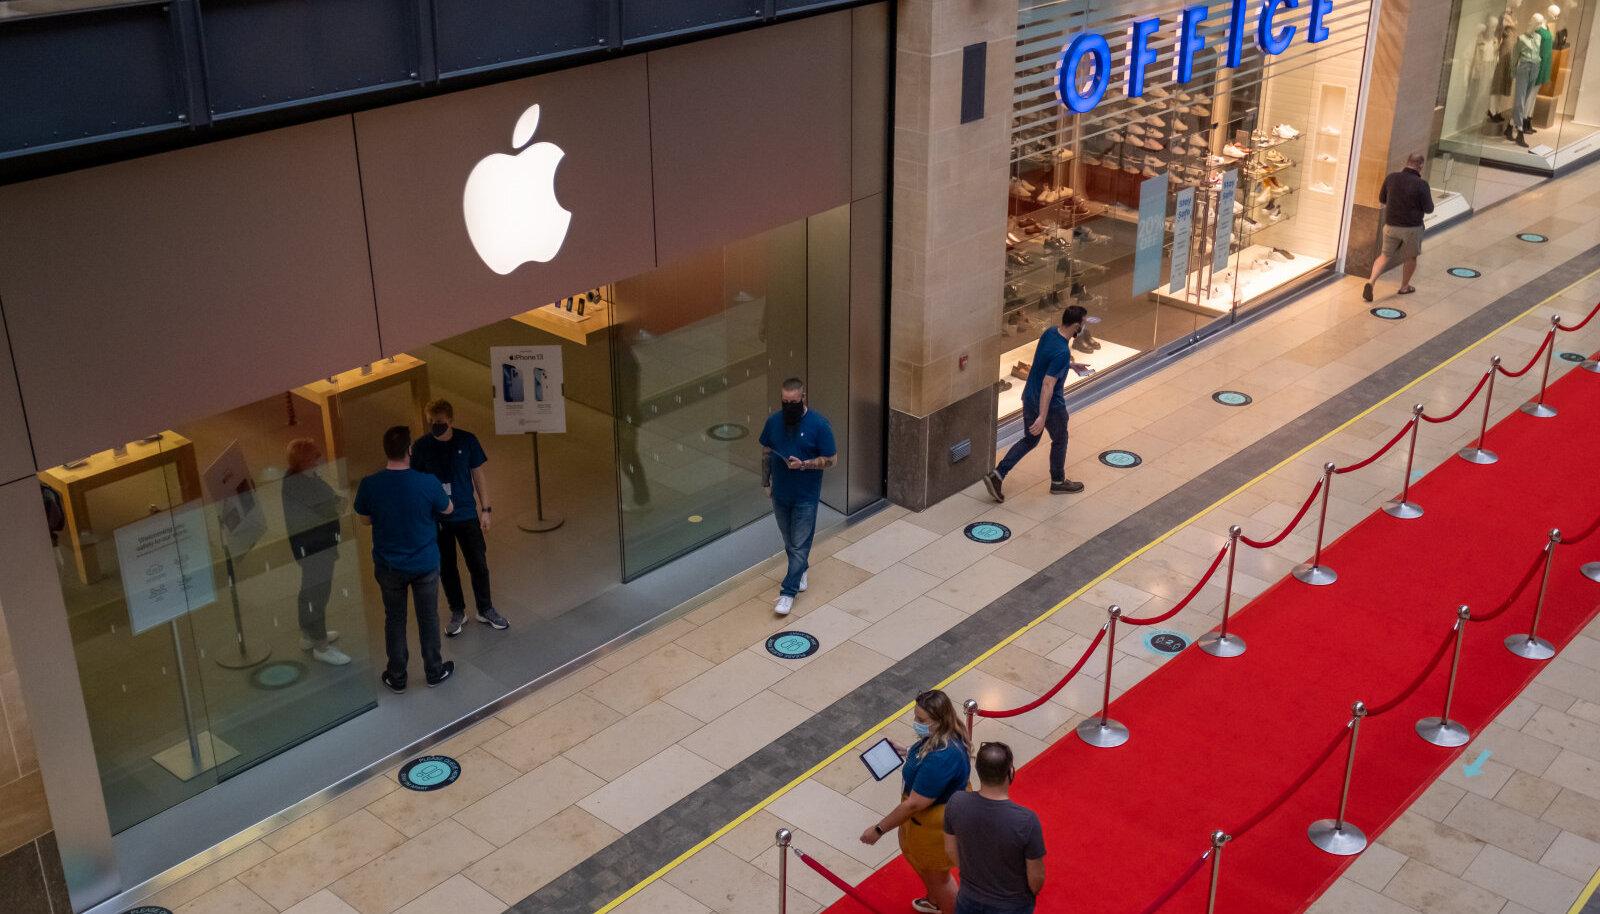 Järjekorrad sellel aastal pärast uue iPhone lansseerimist olid võrreldes varasemaga palju lühemad. Foto on tehtud 24. septembril Cambridge'is